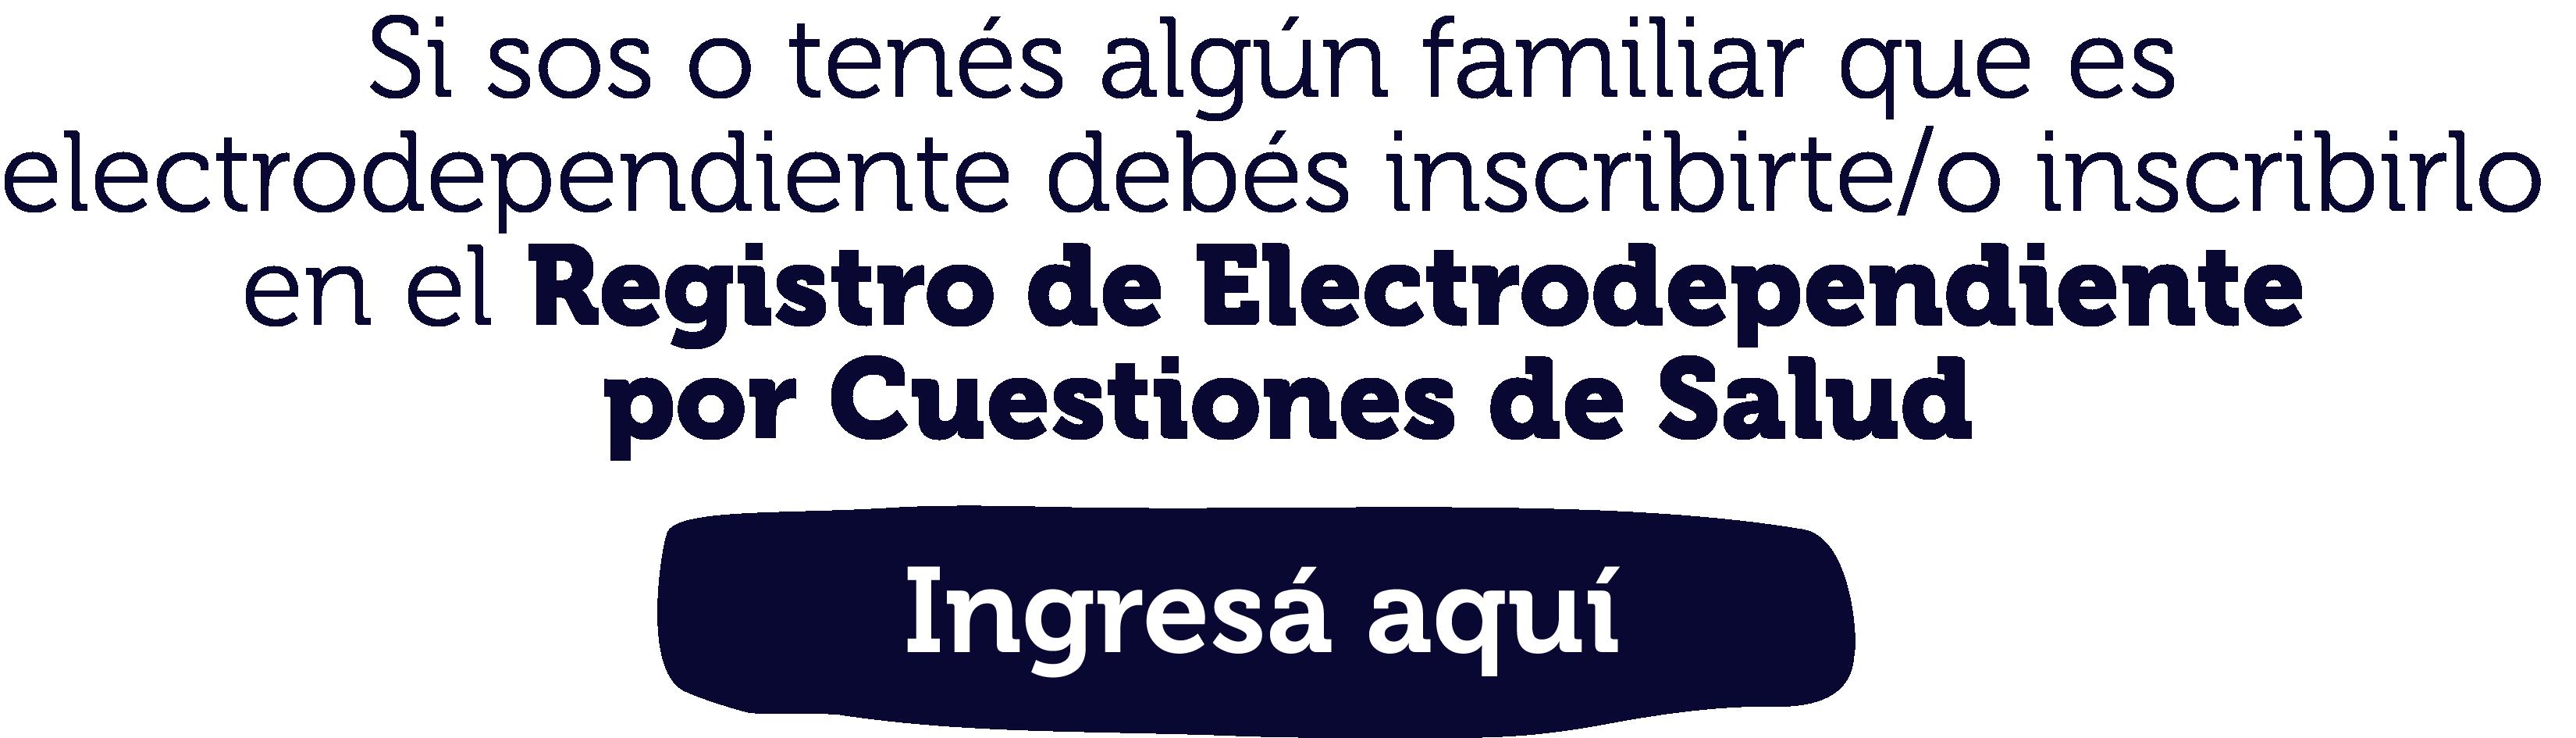 ELECTRODEPENDIENTES txt